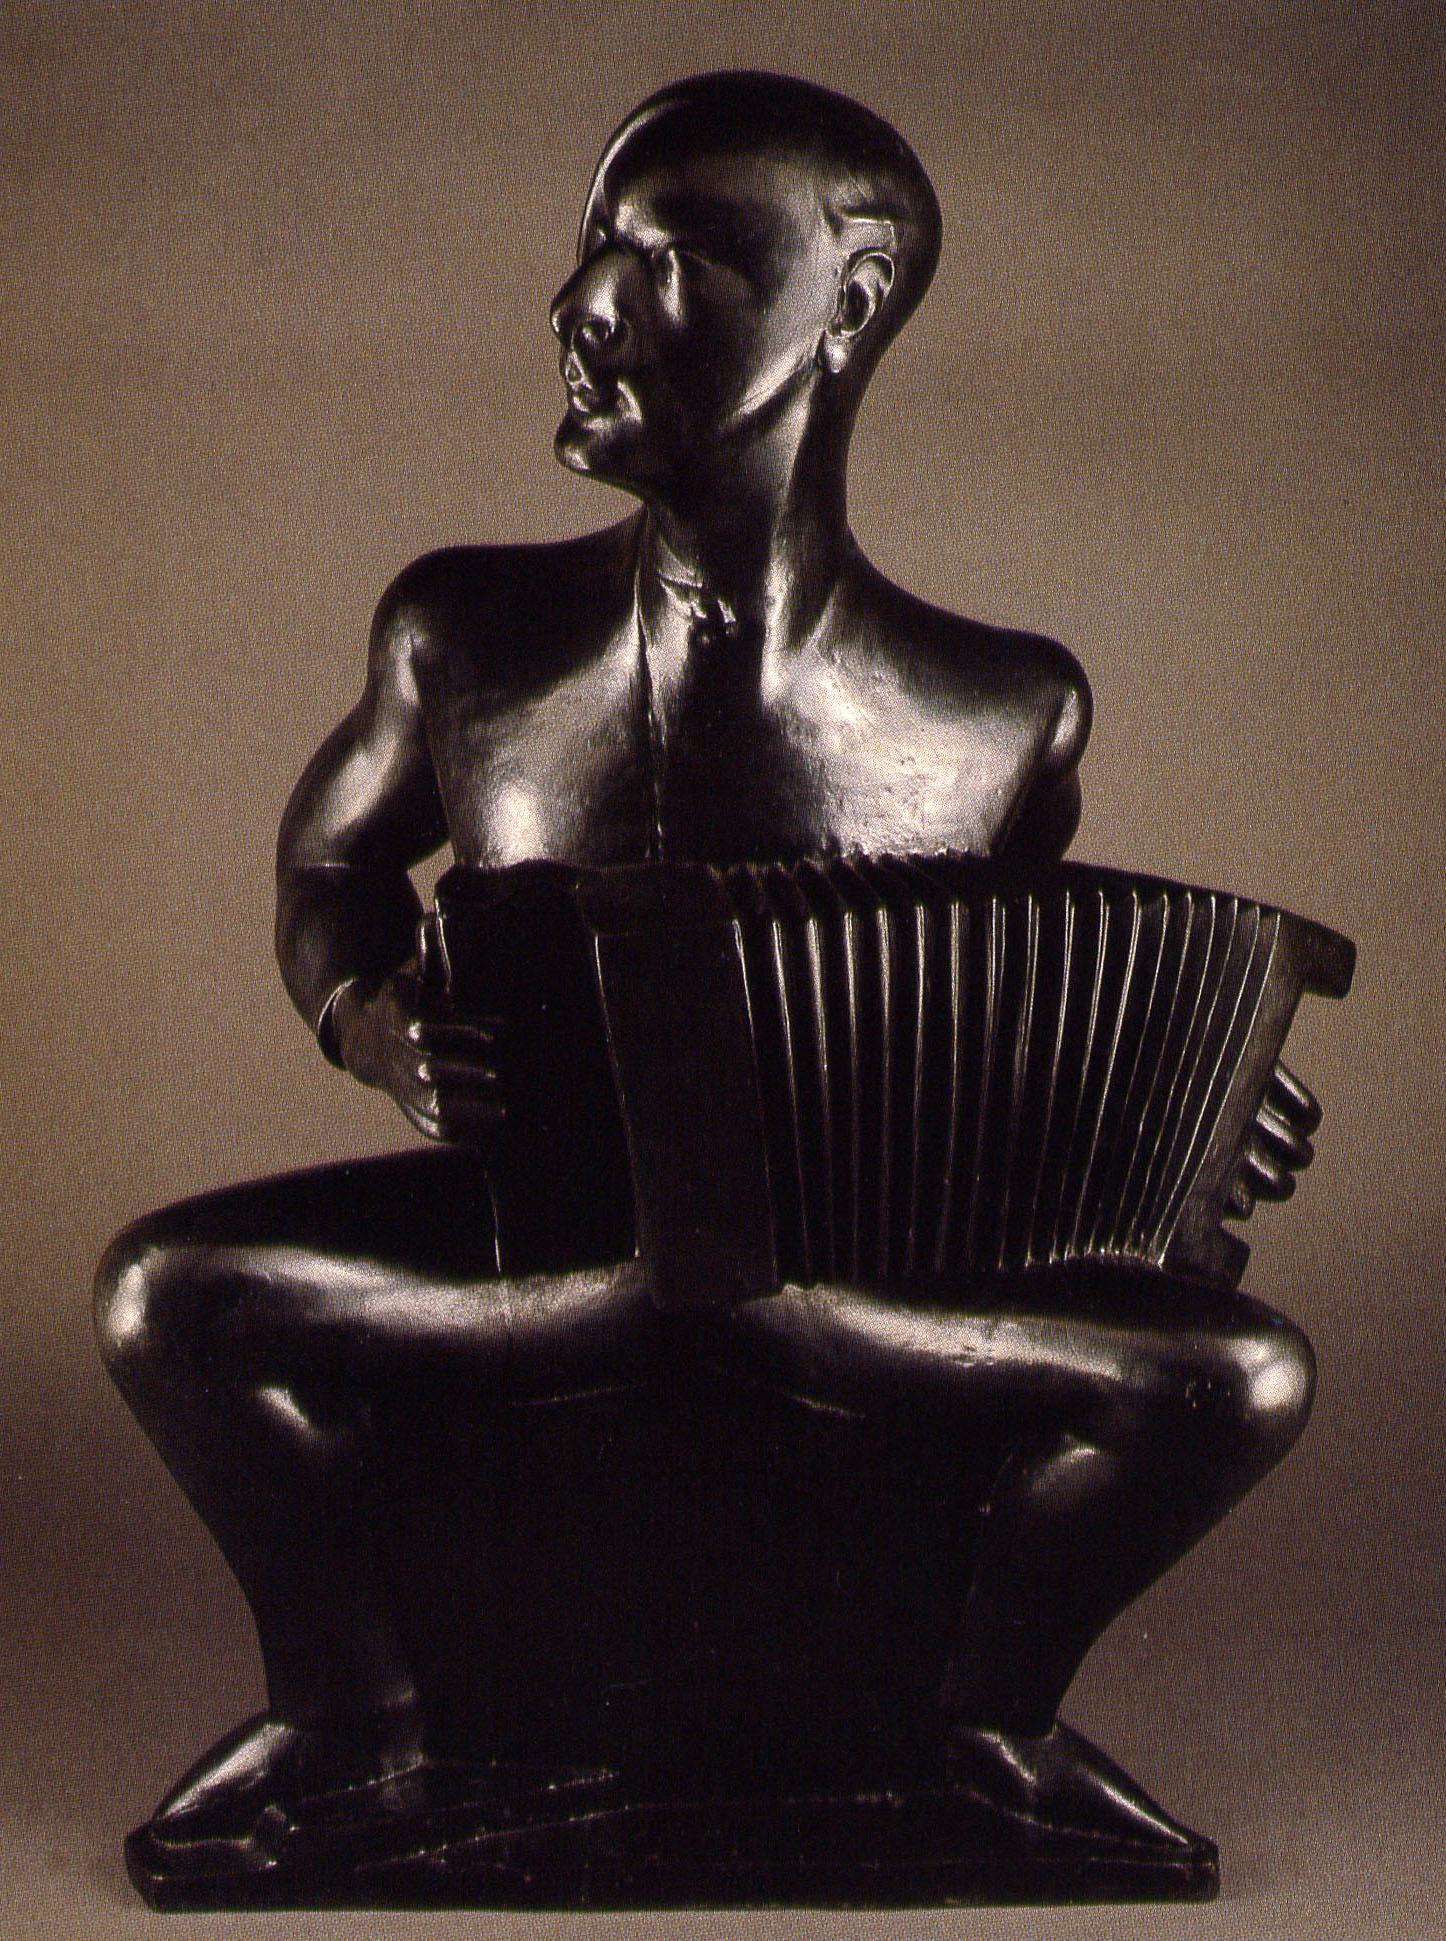 L'accordéoniste – Per Krohg 1924 - Épreuve en bronze, fonte post-mortem Susse 91x60x46cm Coll. part.© archives de l'expert